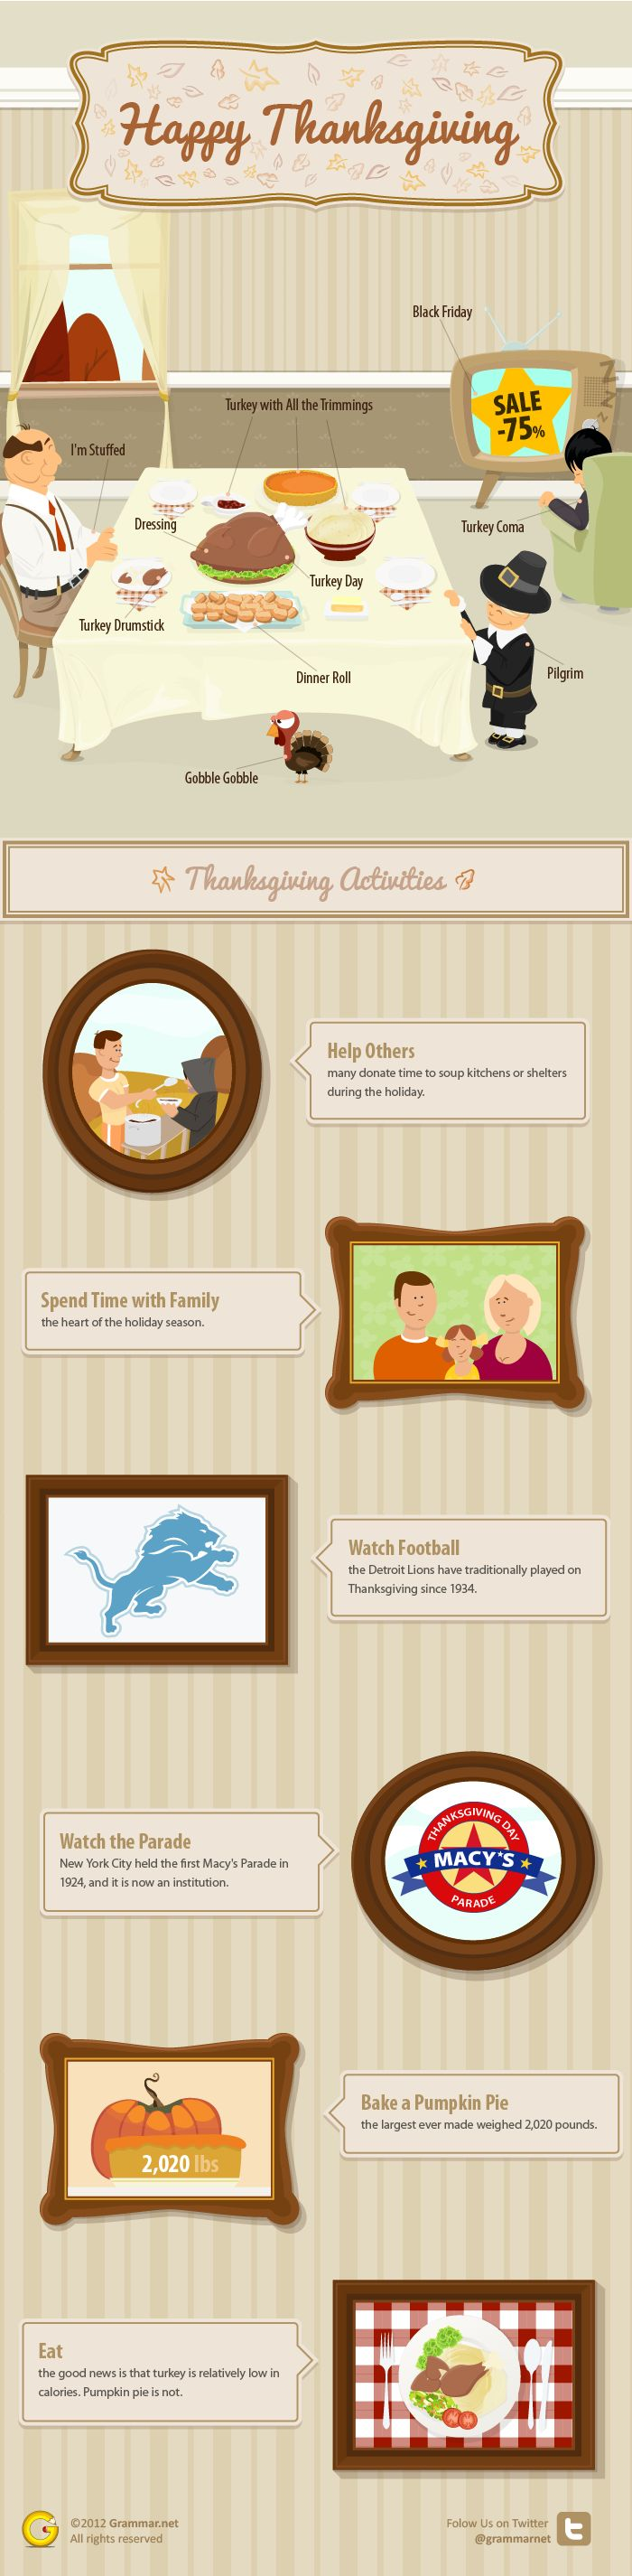 Aprende inglés: el día de Acción de Gracias #infografia #infographic #education | TICs y Formación